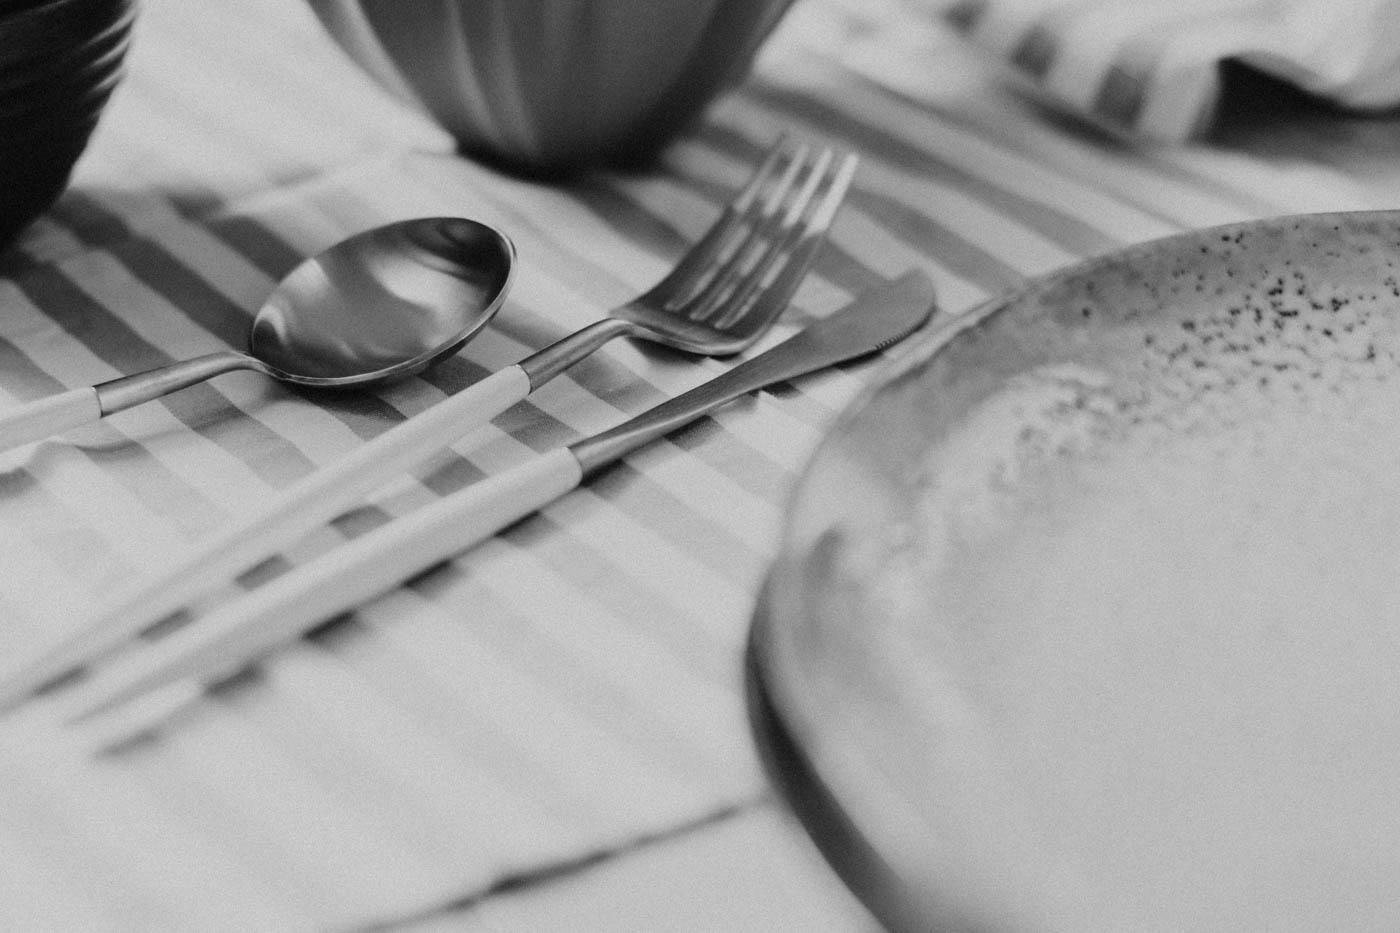 Cutipol Cutlery - 1